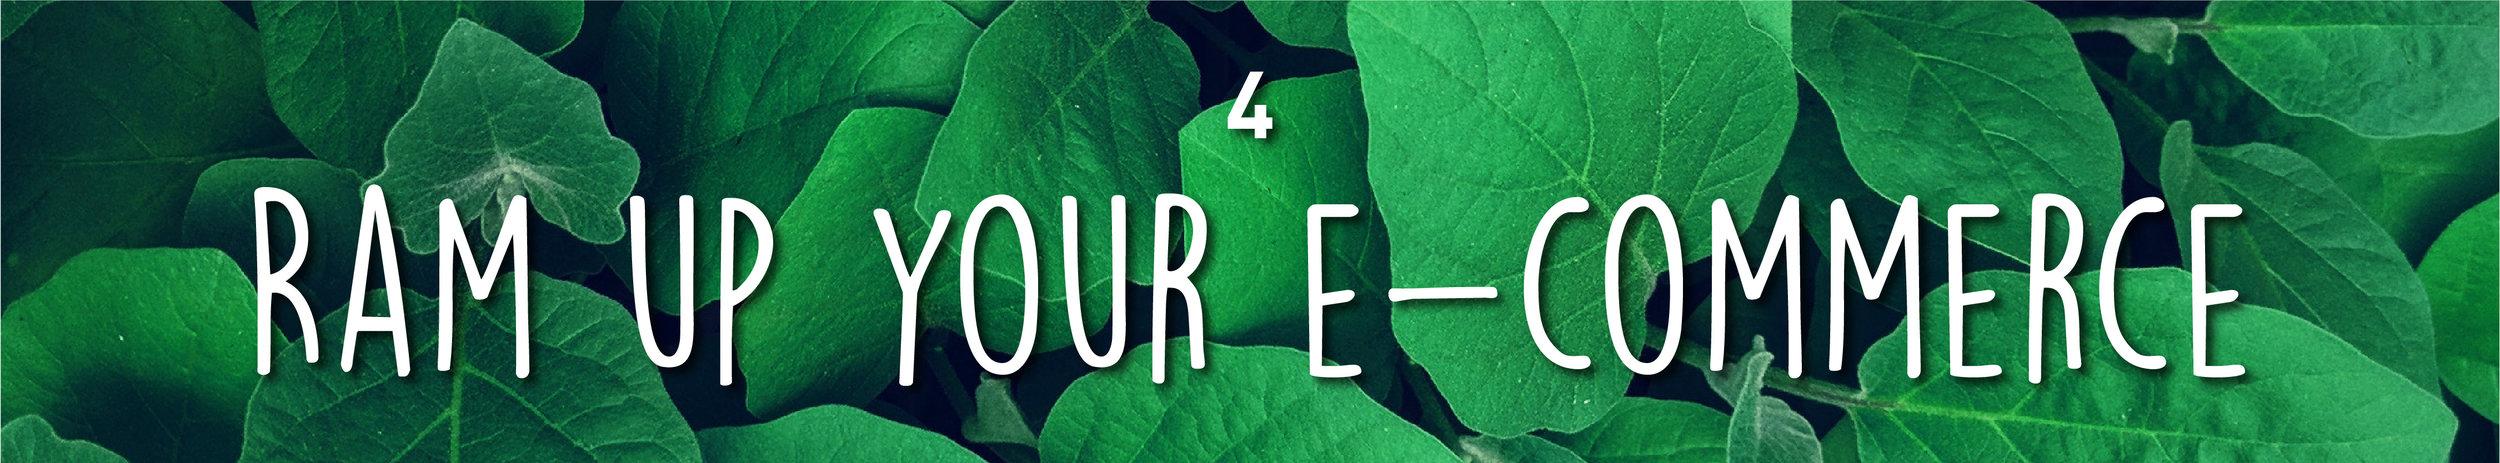 Week34-SustainableMarketing_InBlog_1 copy 16.jpg